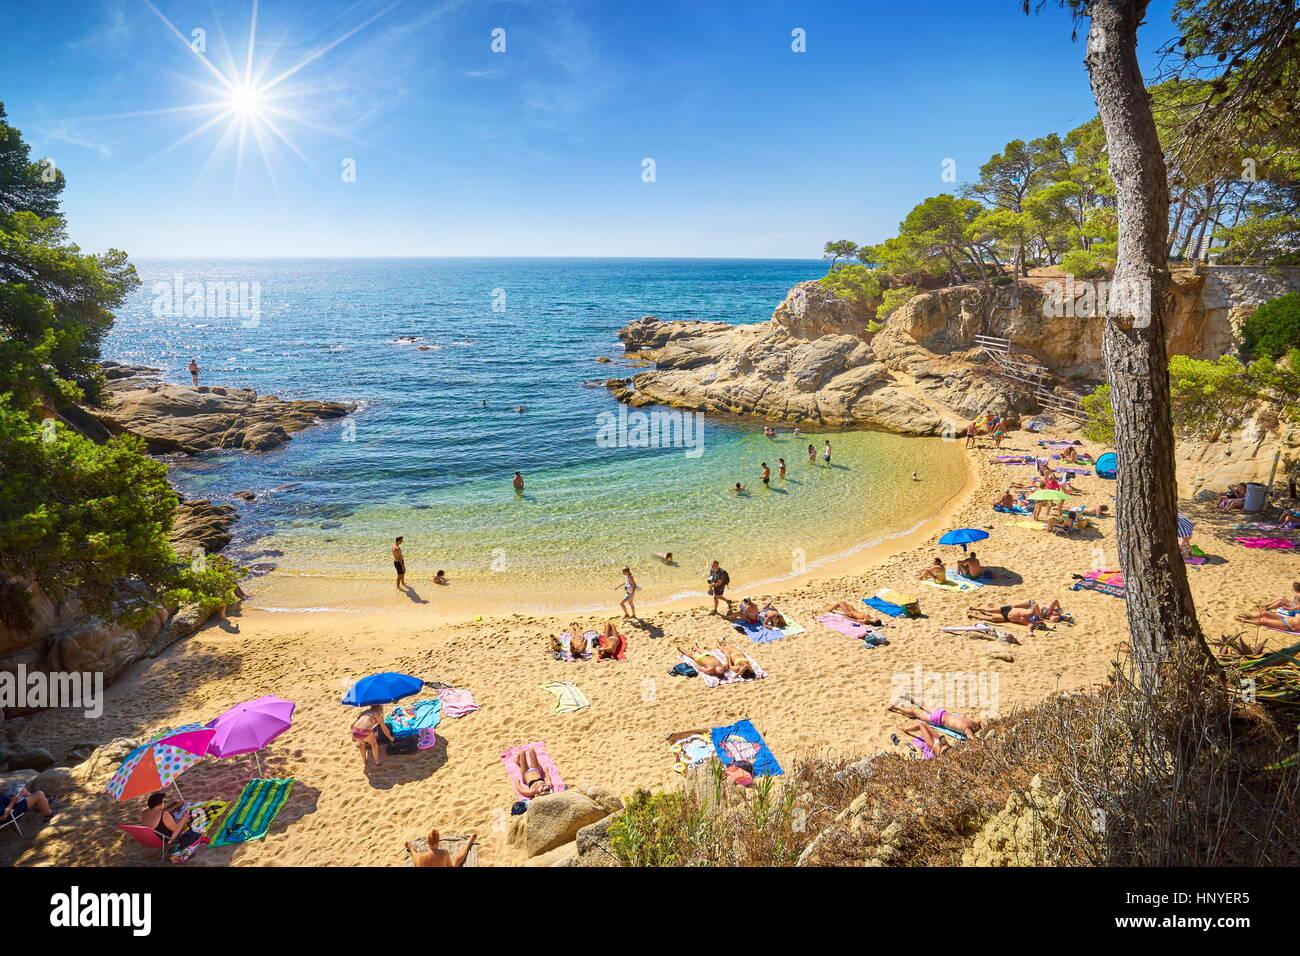 Los turistas de la Costa Brava, ESPAÑA Foto de stock